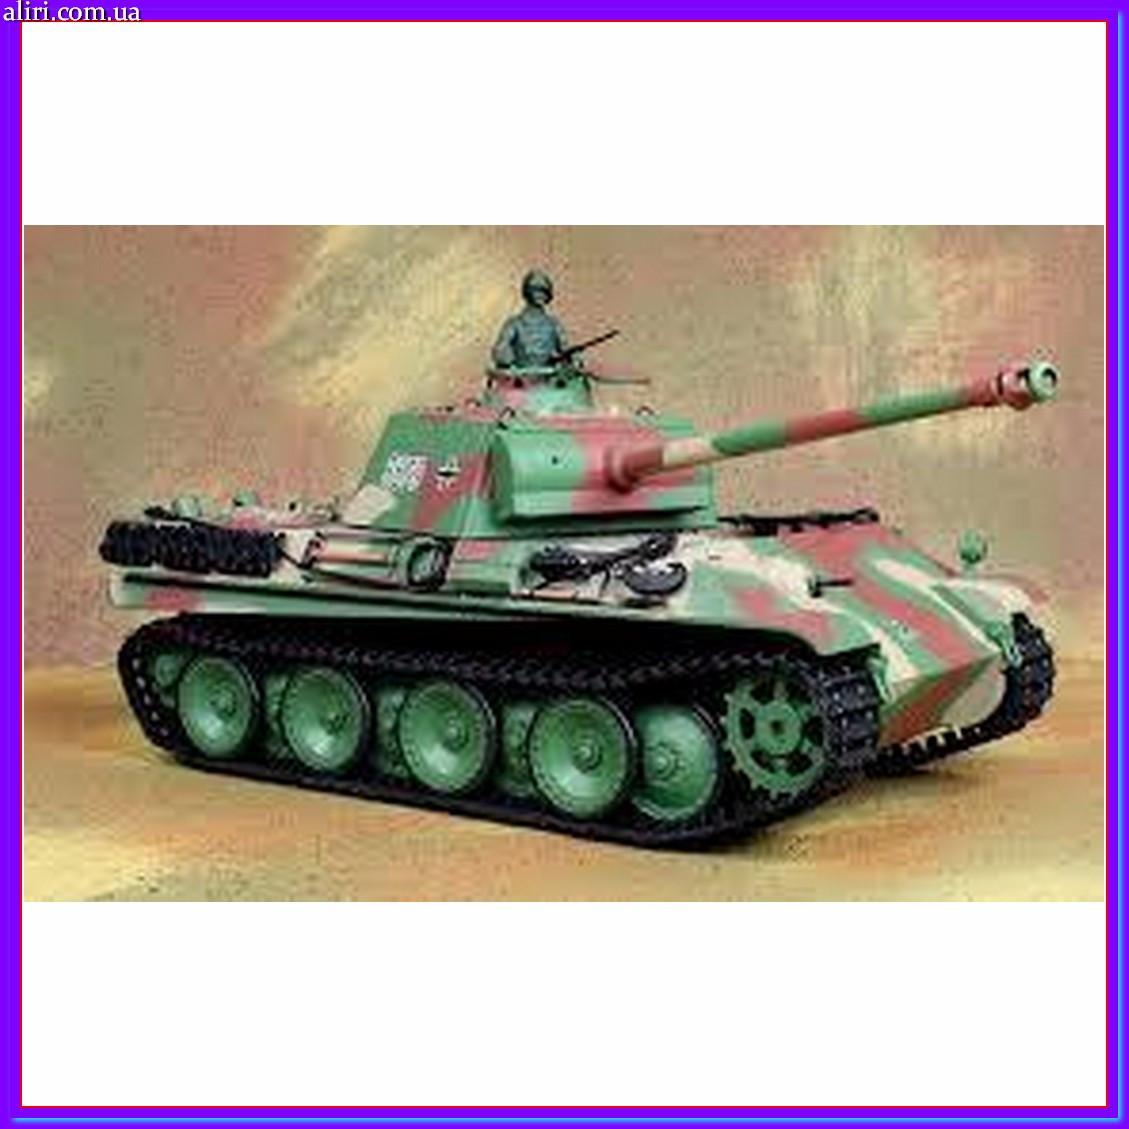 Радиоуправляемый танк HENG LONG Panther Type G 3879-1  Танк пантера на радиоуправлении